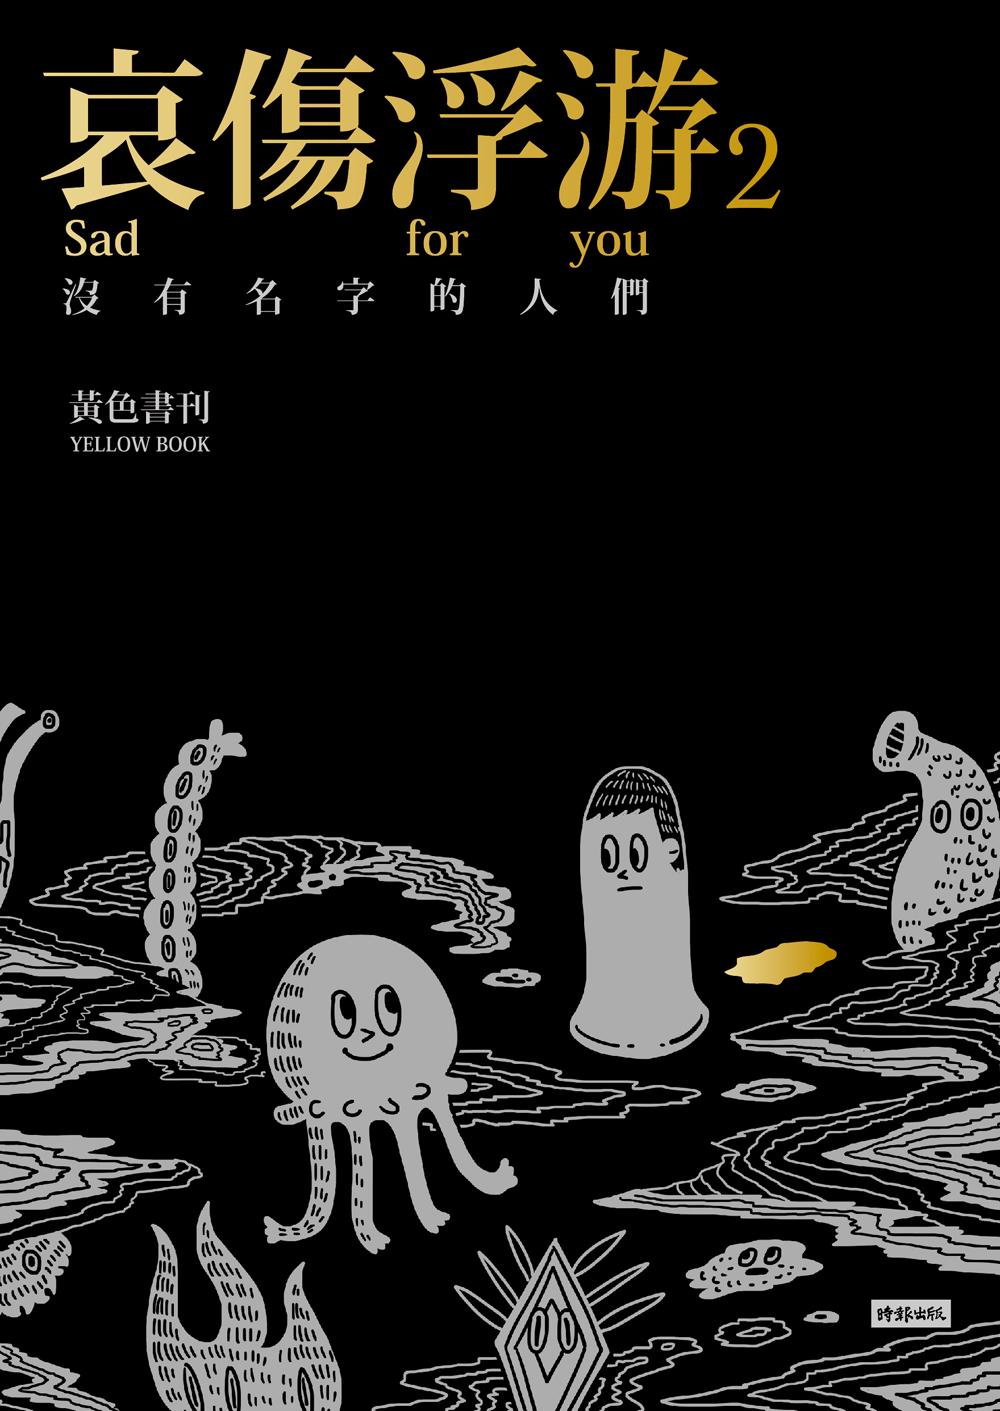 哀傷浮游2